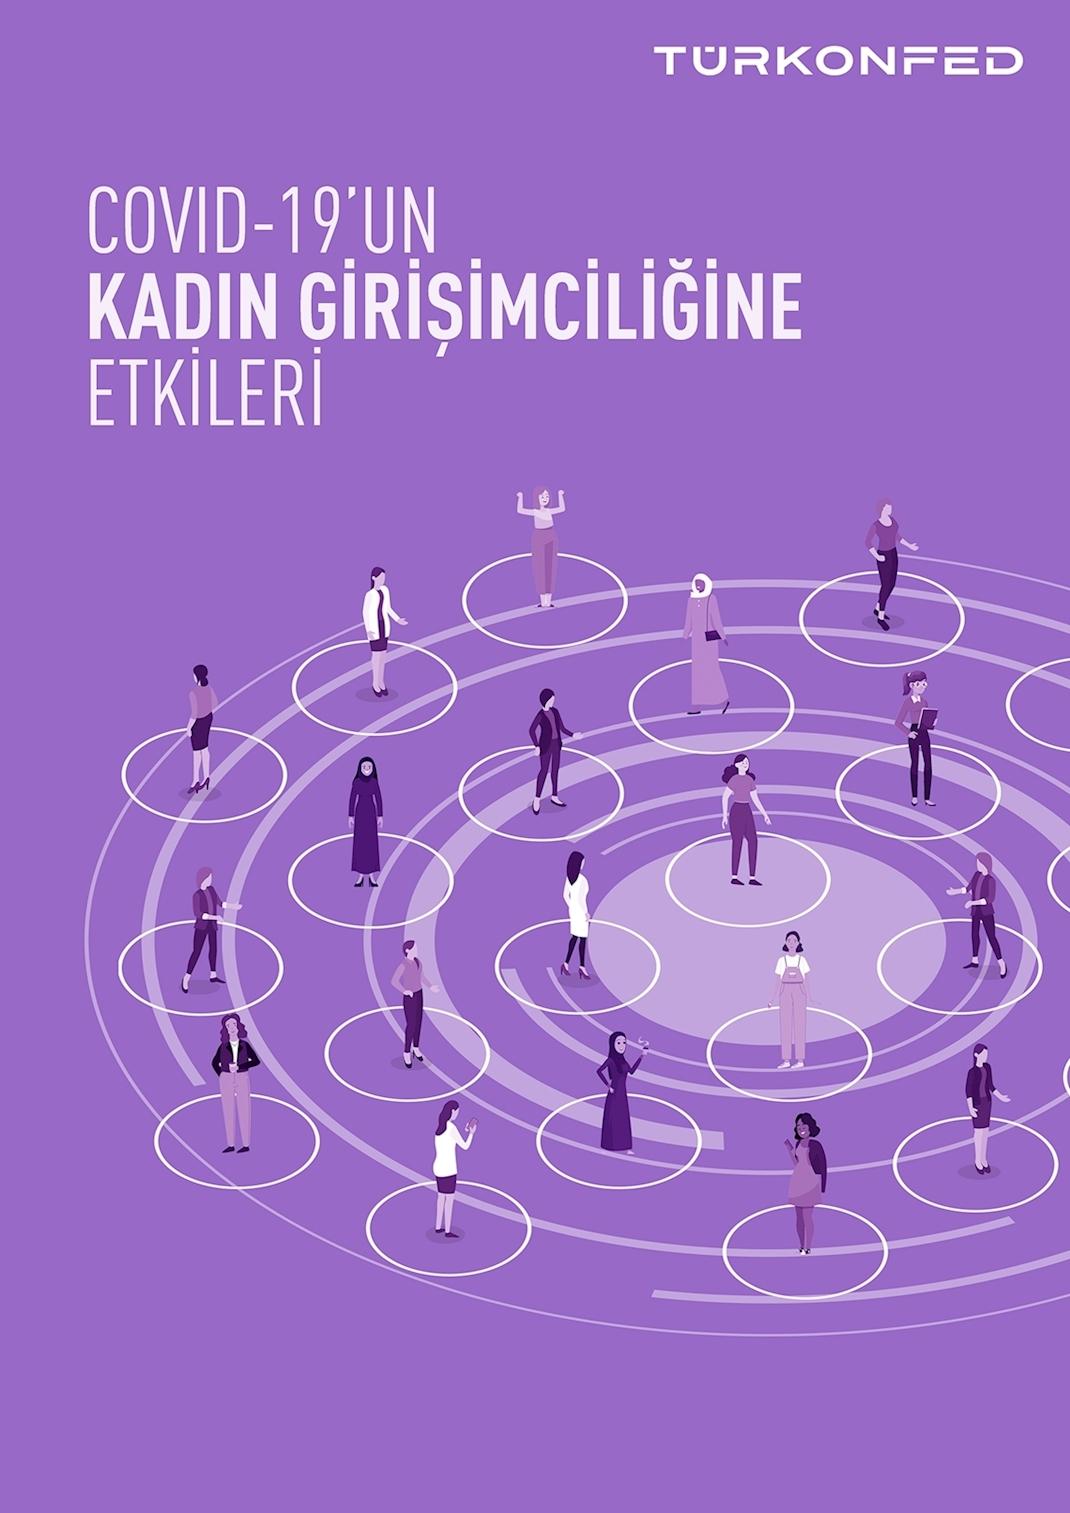 Covid-19'un Kadın Girişimciliğine Etkileri Raporu